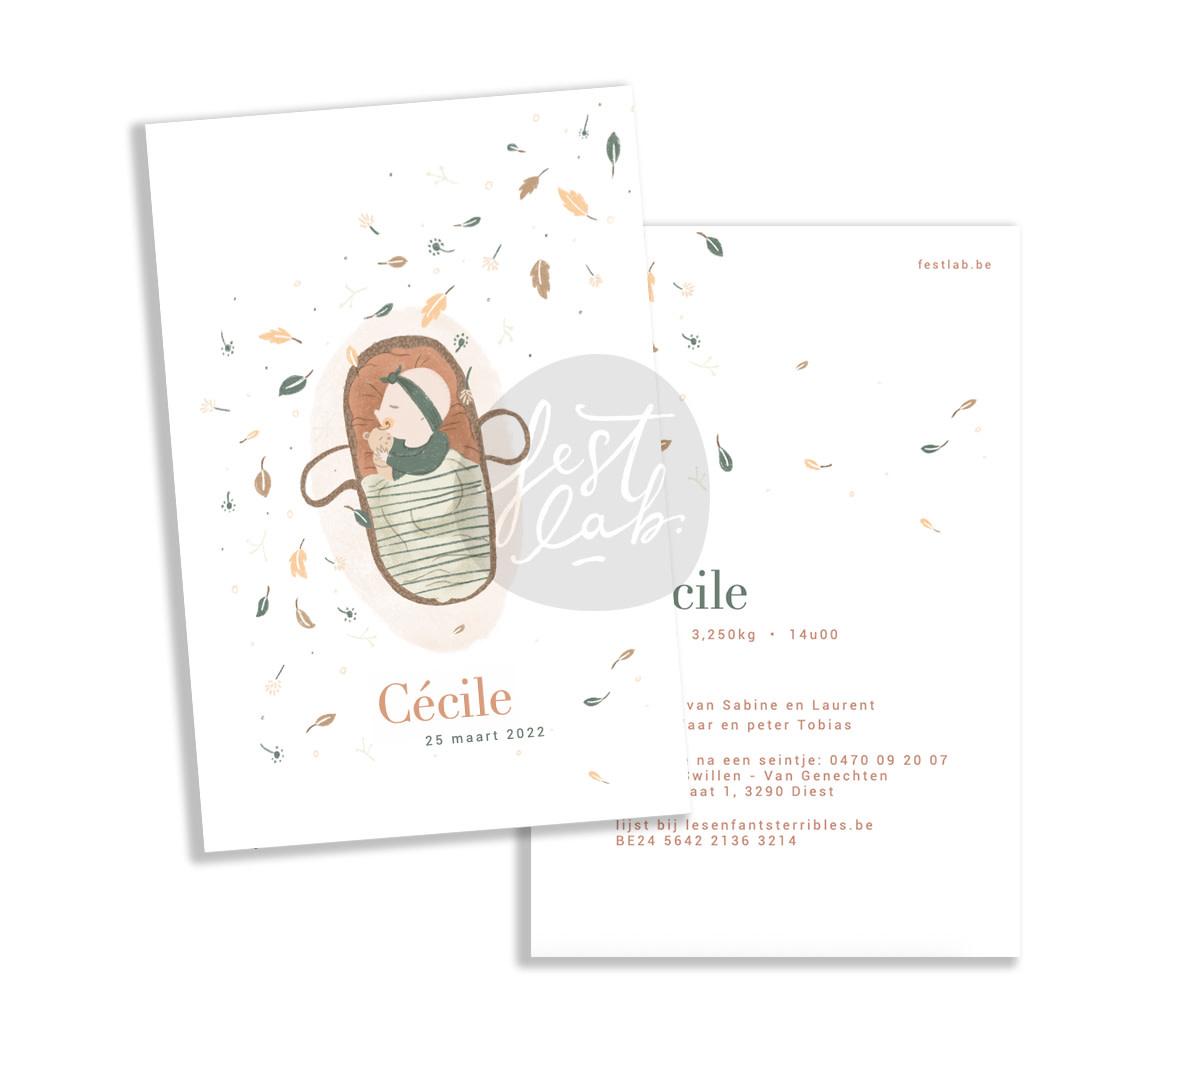 Geboortekaartje Cécile